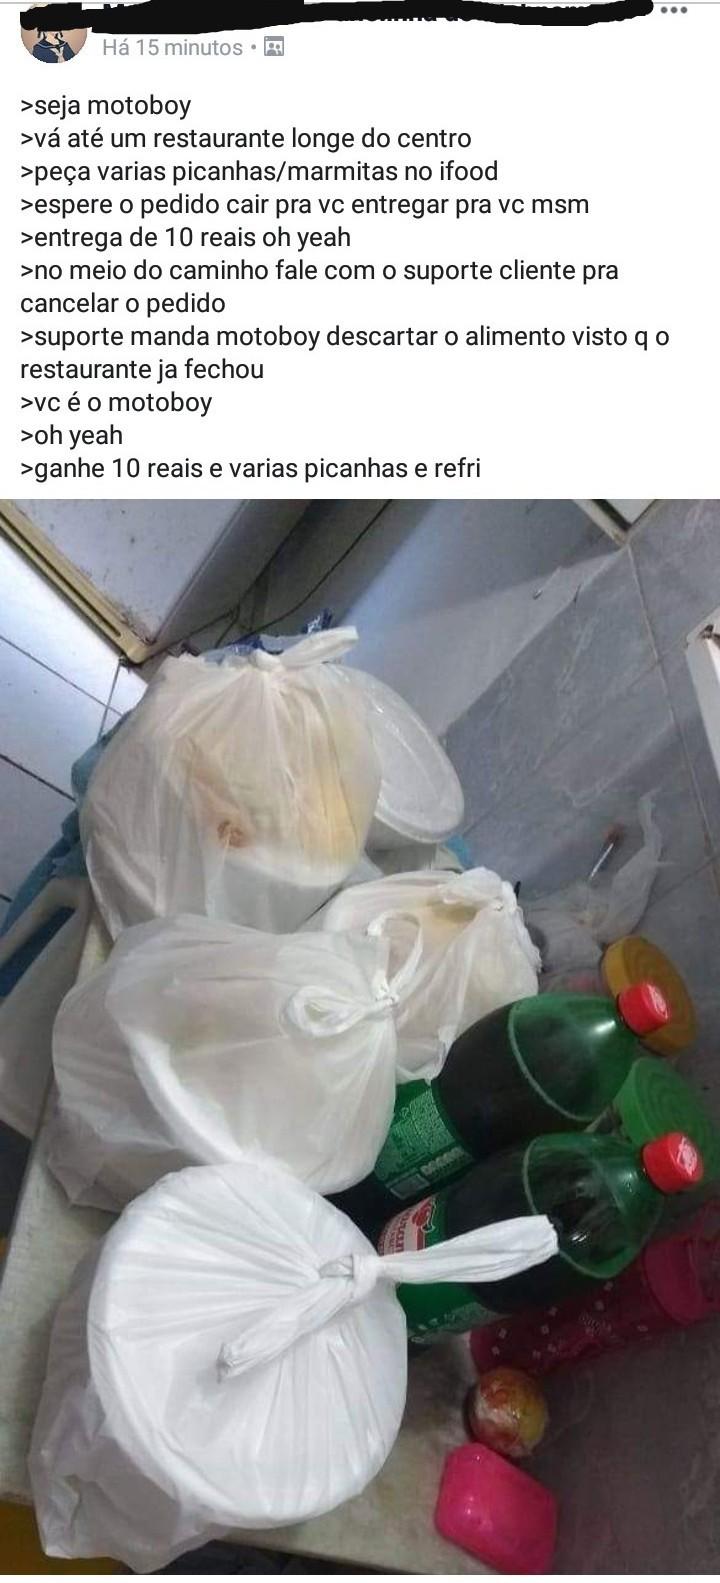 Aifud - meme